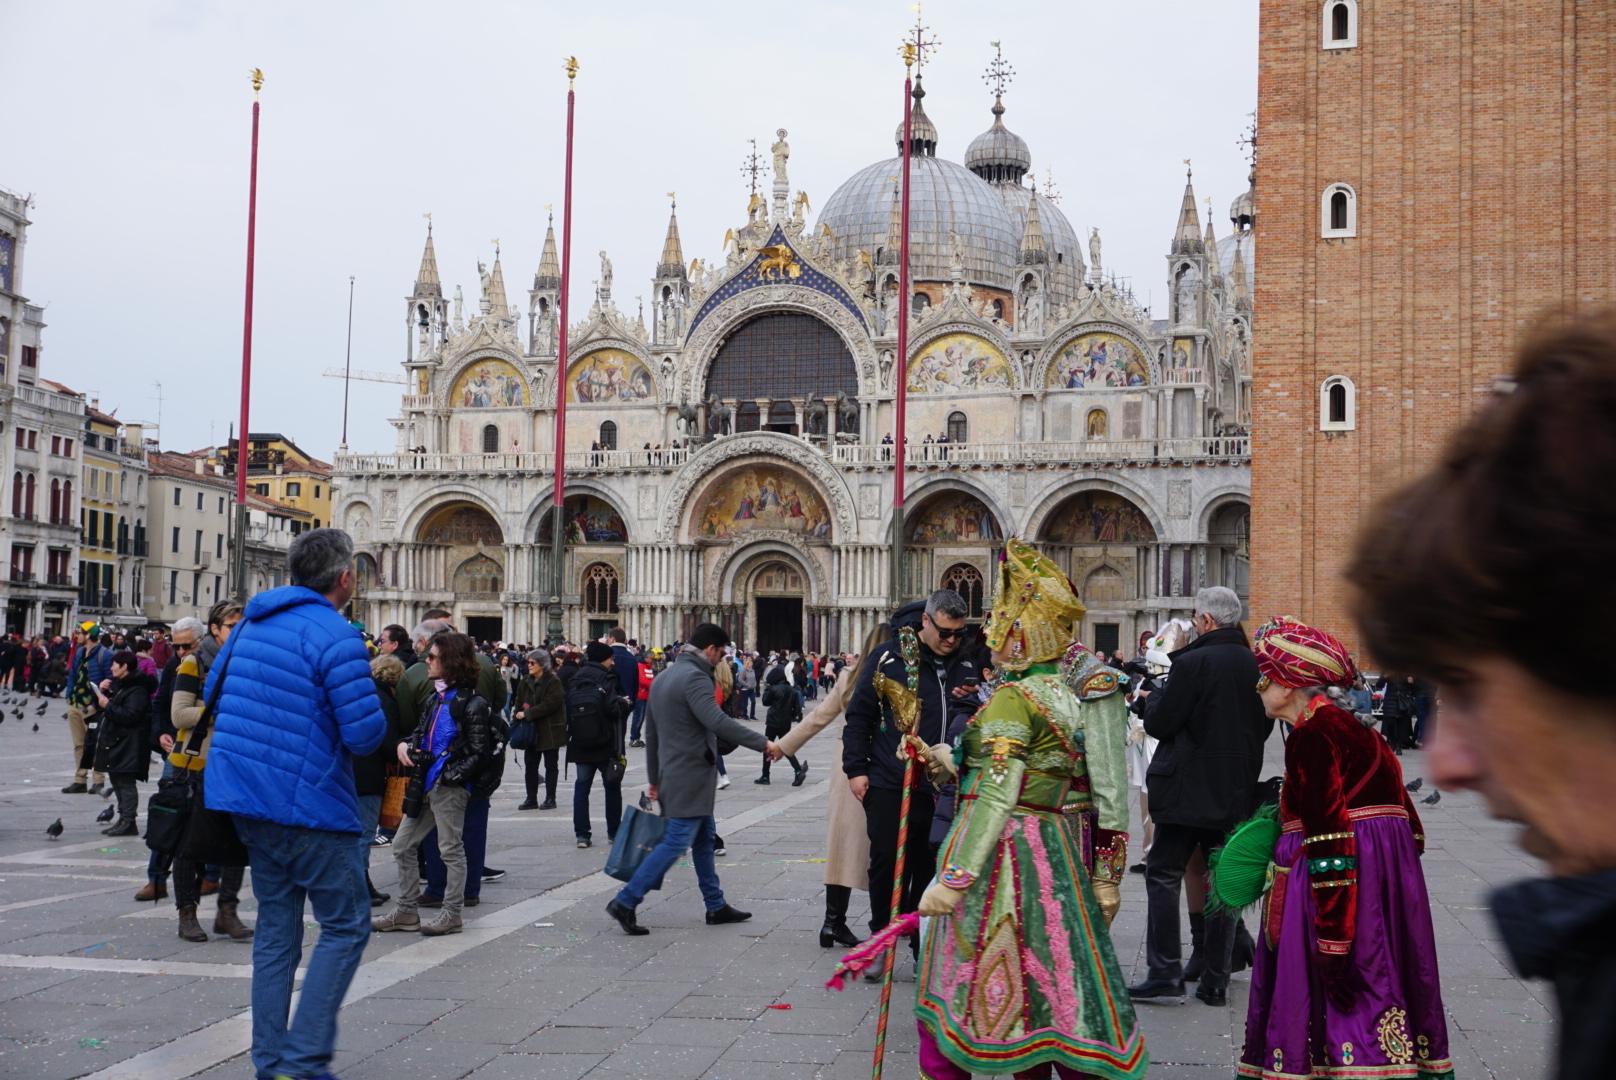 Carnevale in Venedig